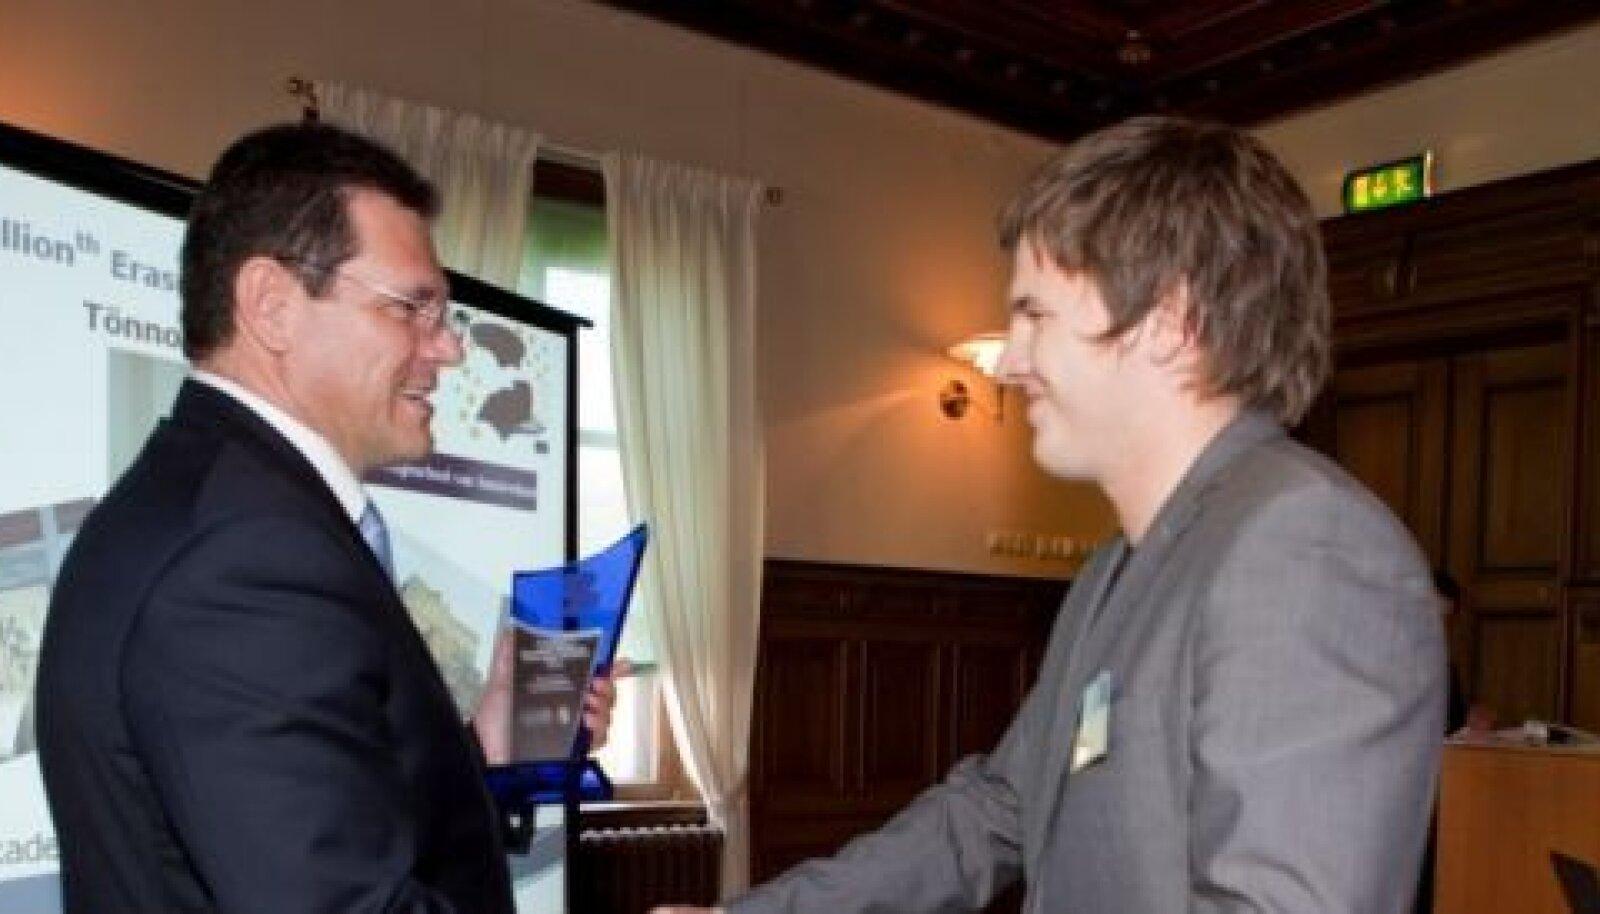 Euroopa Komisjoni liige Maroš Šefčovič annab Tõnno Toompuule kingituse Erasmuse kahemiljonendaks tudengiks valimise puhul.